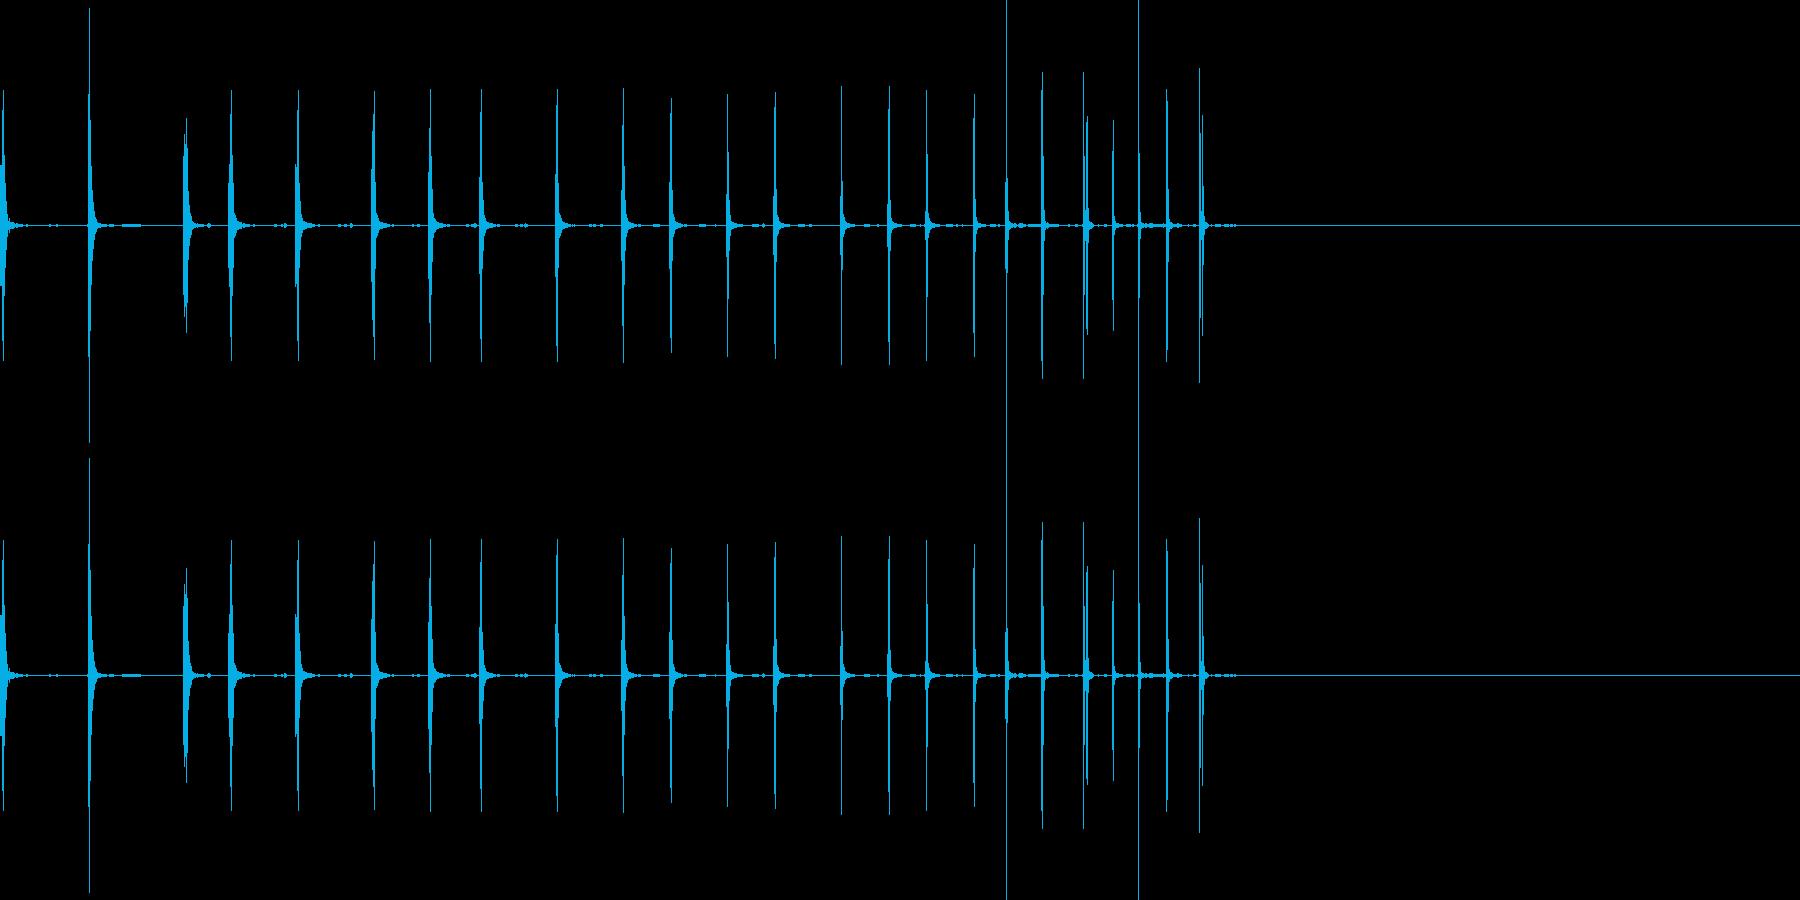 ゼンマイを巻くような効果音の再生済みの波形